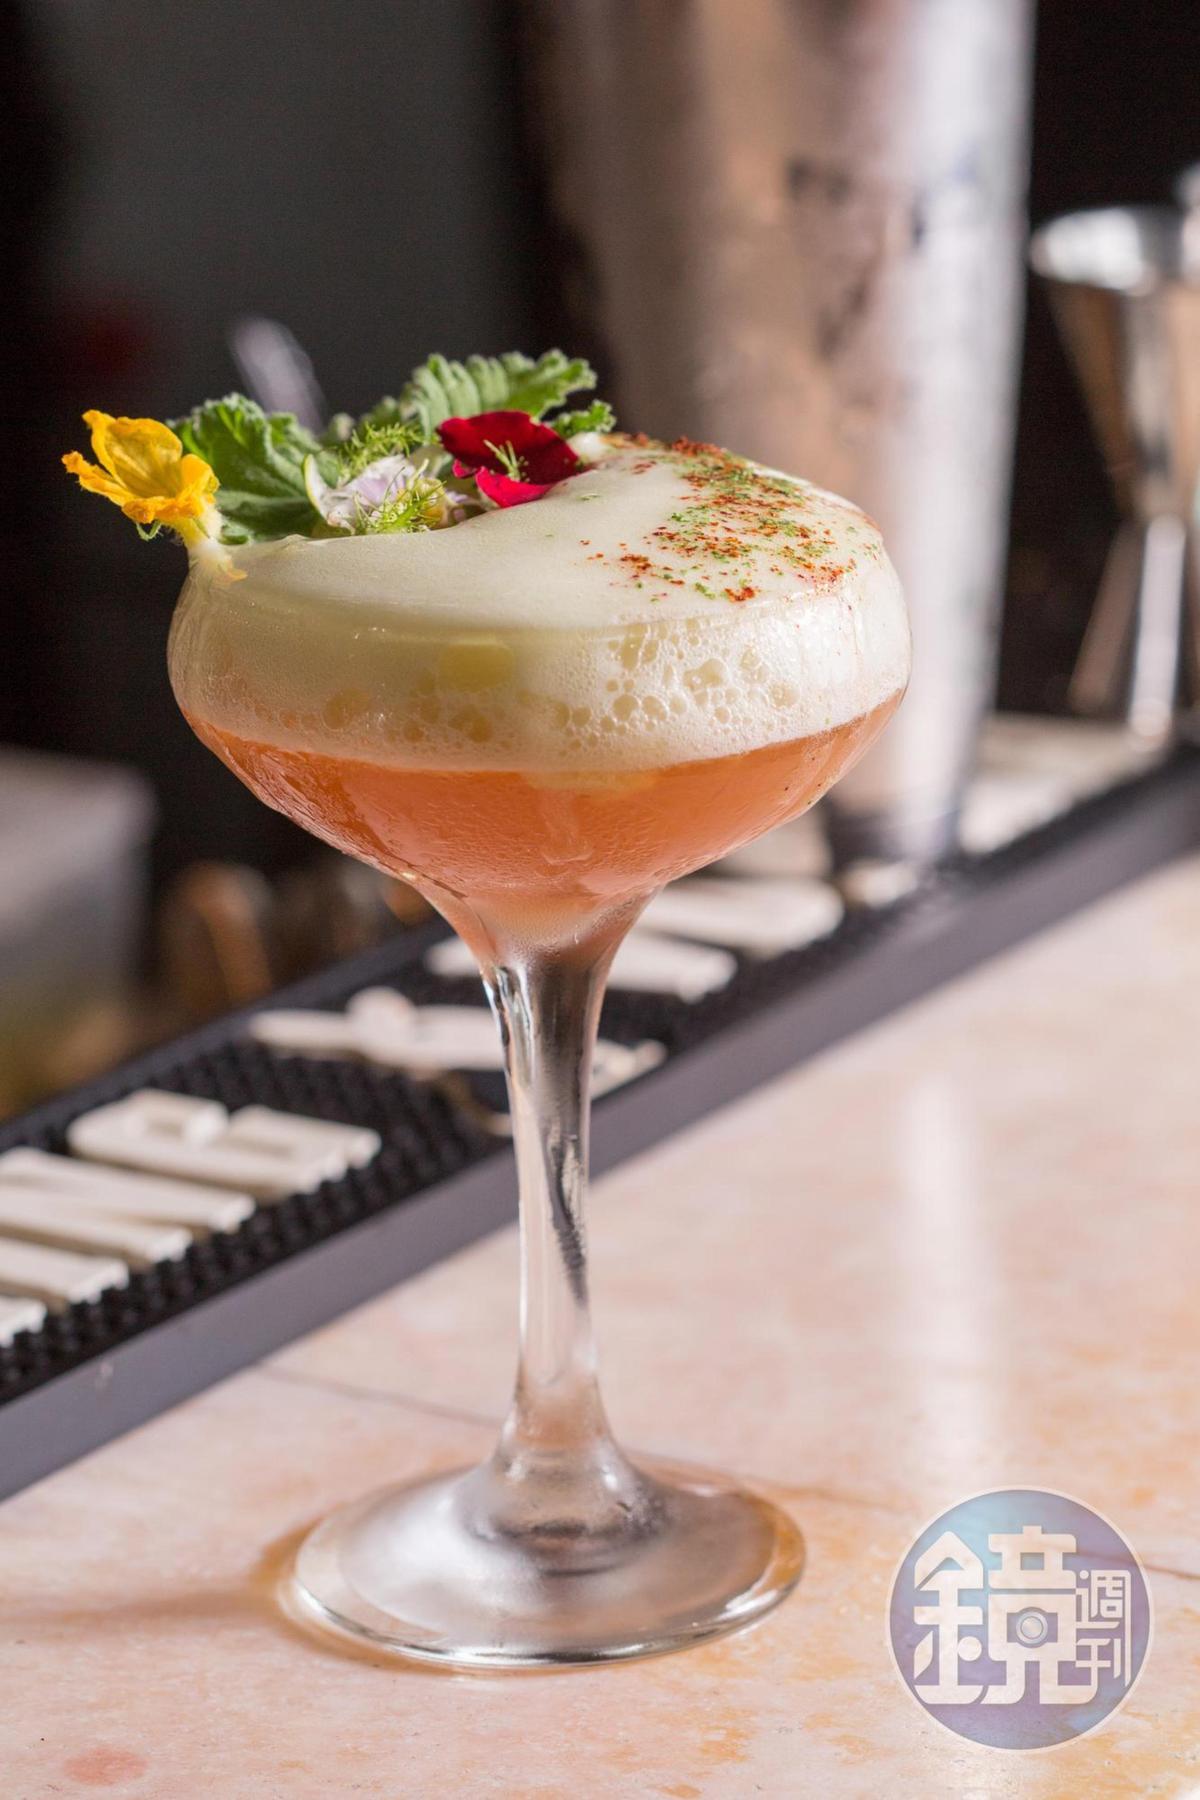 鮮爽氣息揉入玫瑰馨香的「玫塊 黃瓜花」調酒,意圖讓人迷濛在花園間。(MUME,350元/杯)